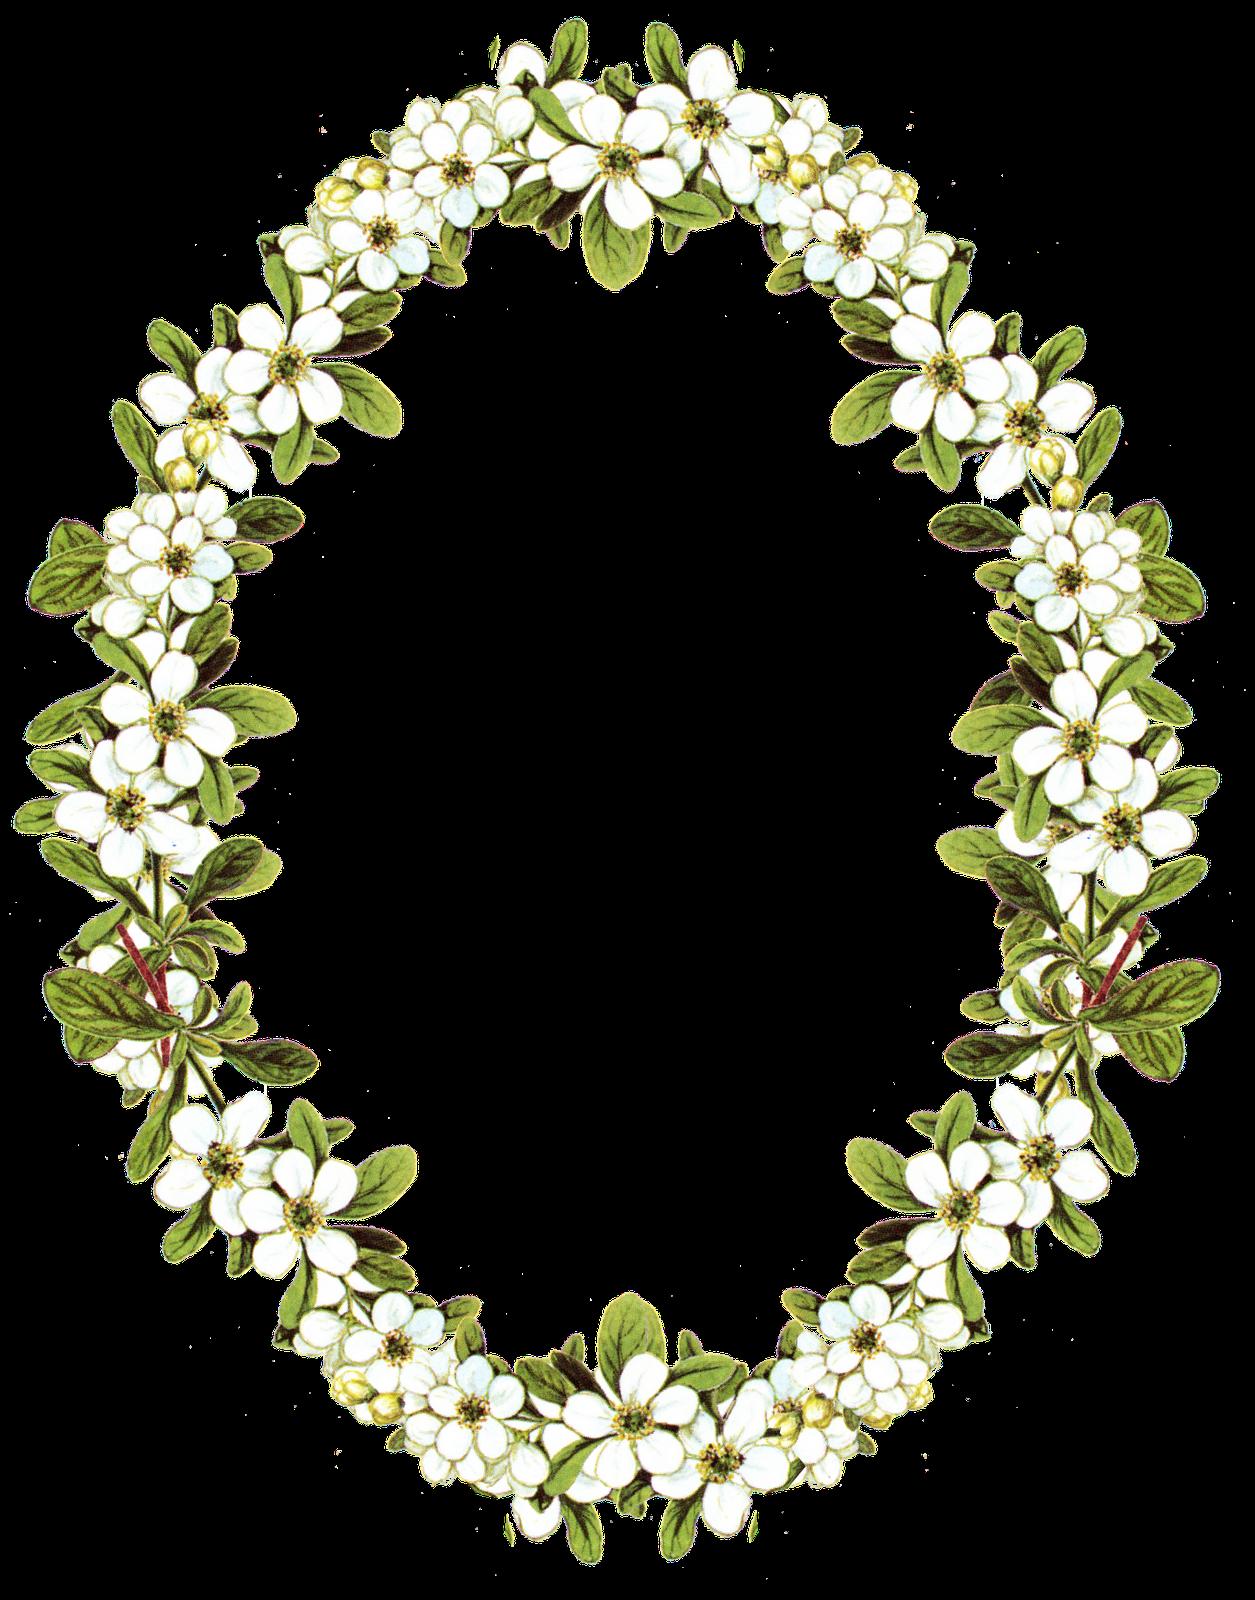 Flower Frame Images - 5637 - TransparentPNG